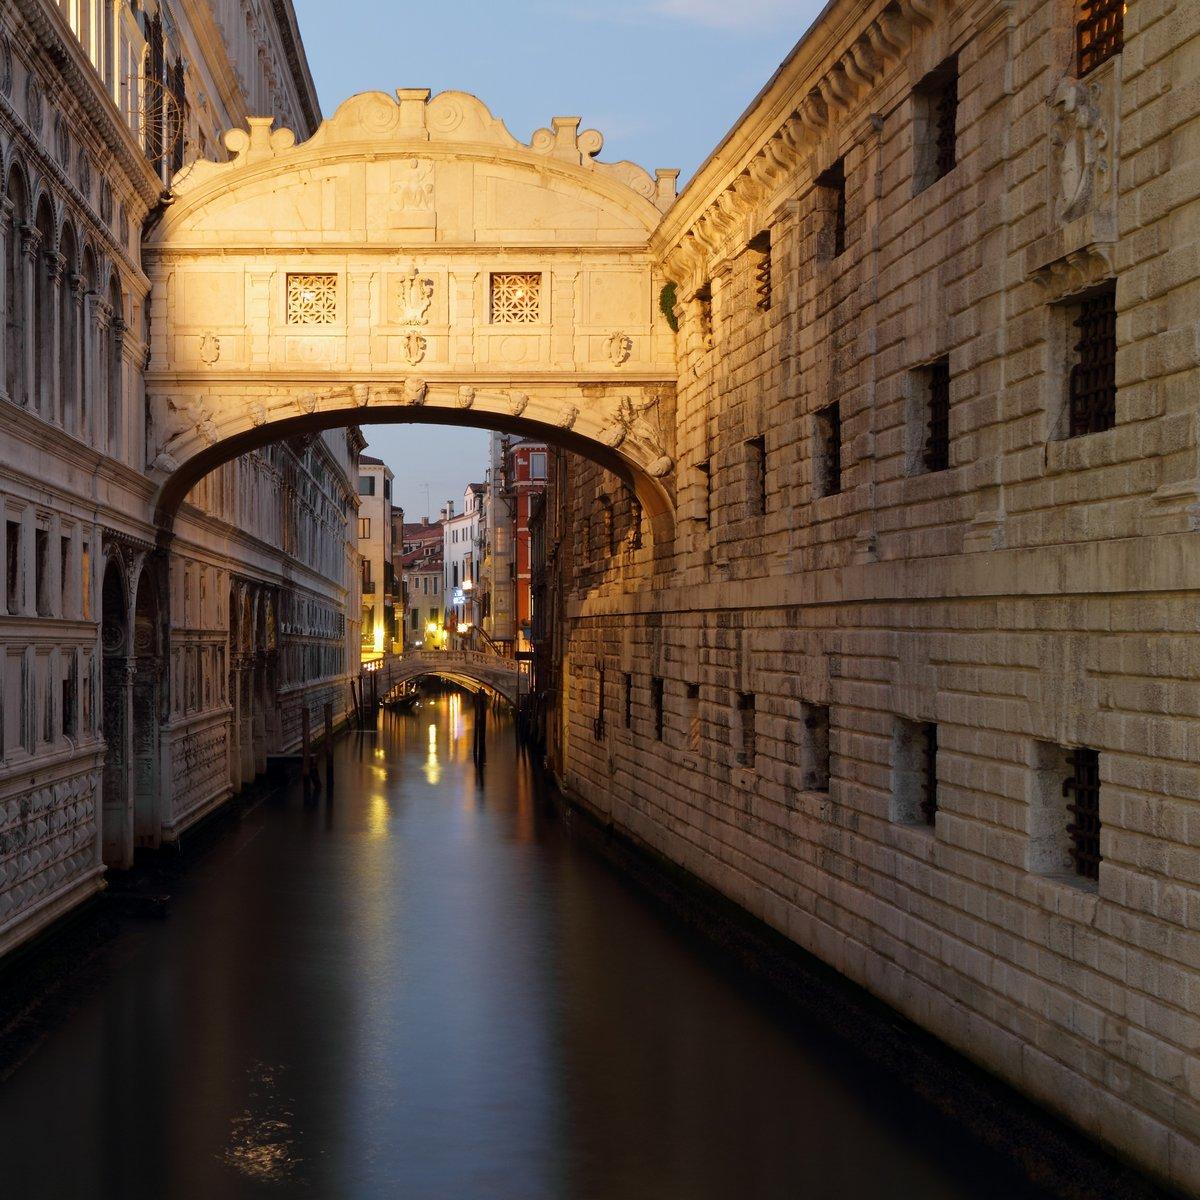 Постер Венеция Замечательный закат над Мост ВздоховВенеция<br>Постер на холсте или бумаге. Любого нужного вам размера. В раме или без. Подвес в комплекте. Трехслойная надежная упаковка. Доставим в любую точку России. Вам осталось только повесить картину на стену!<br>